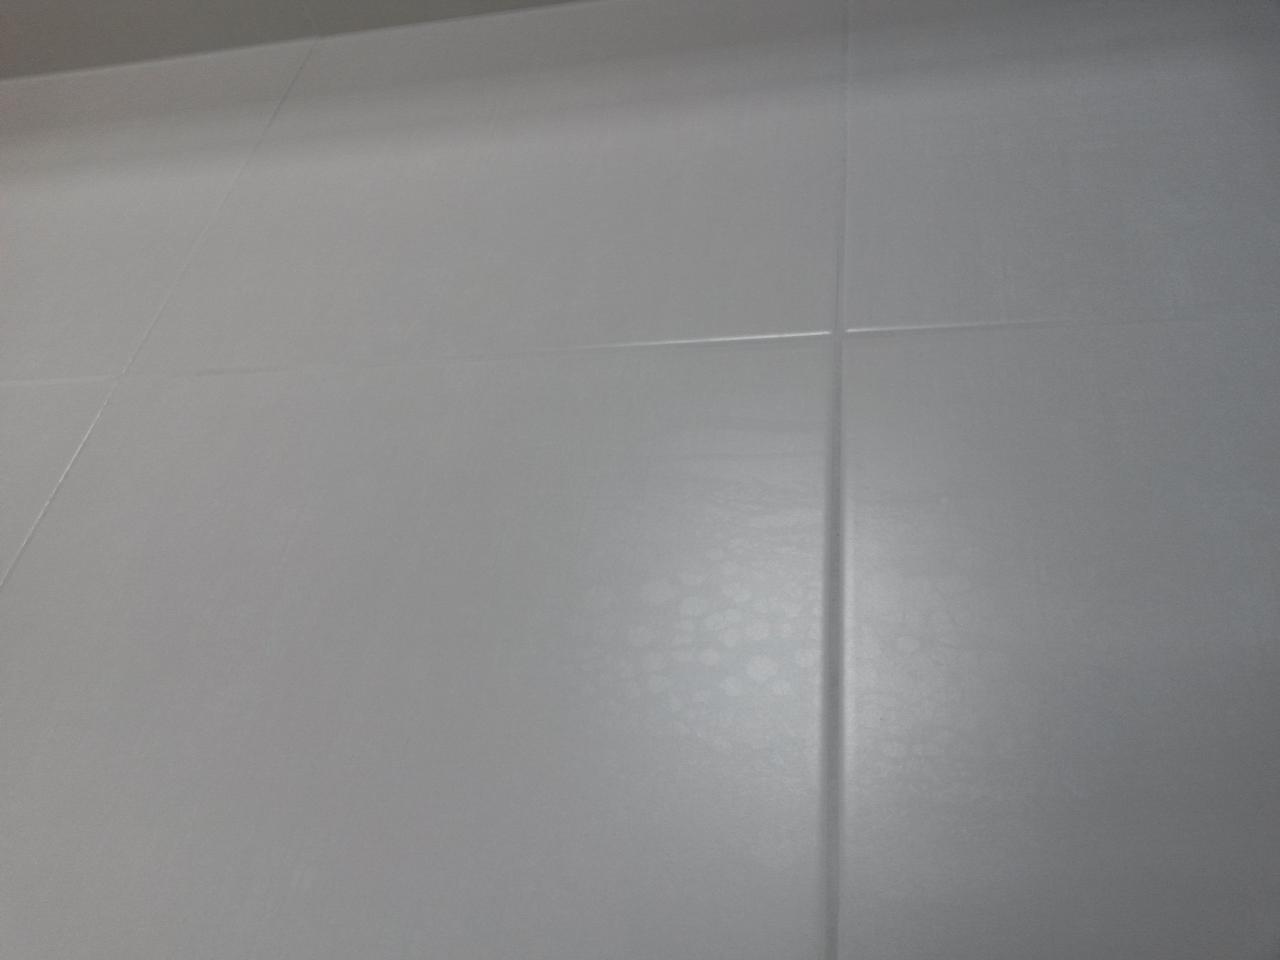 rückstände/flecken fliesen (fugenmasse) | bauforum auf